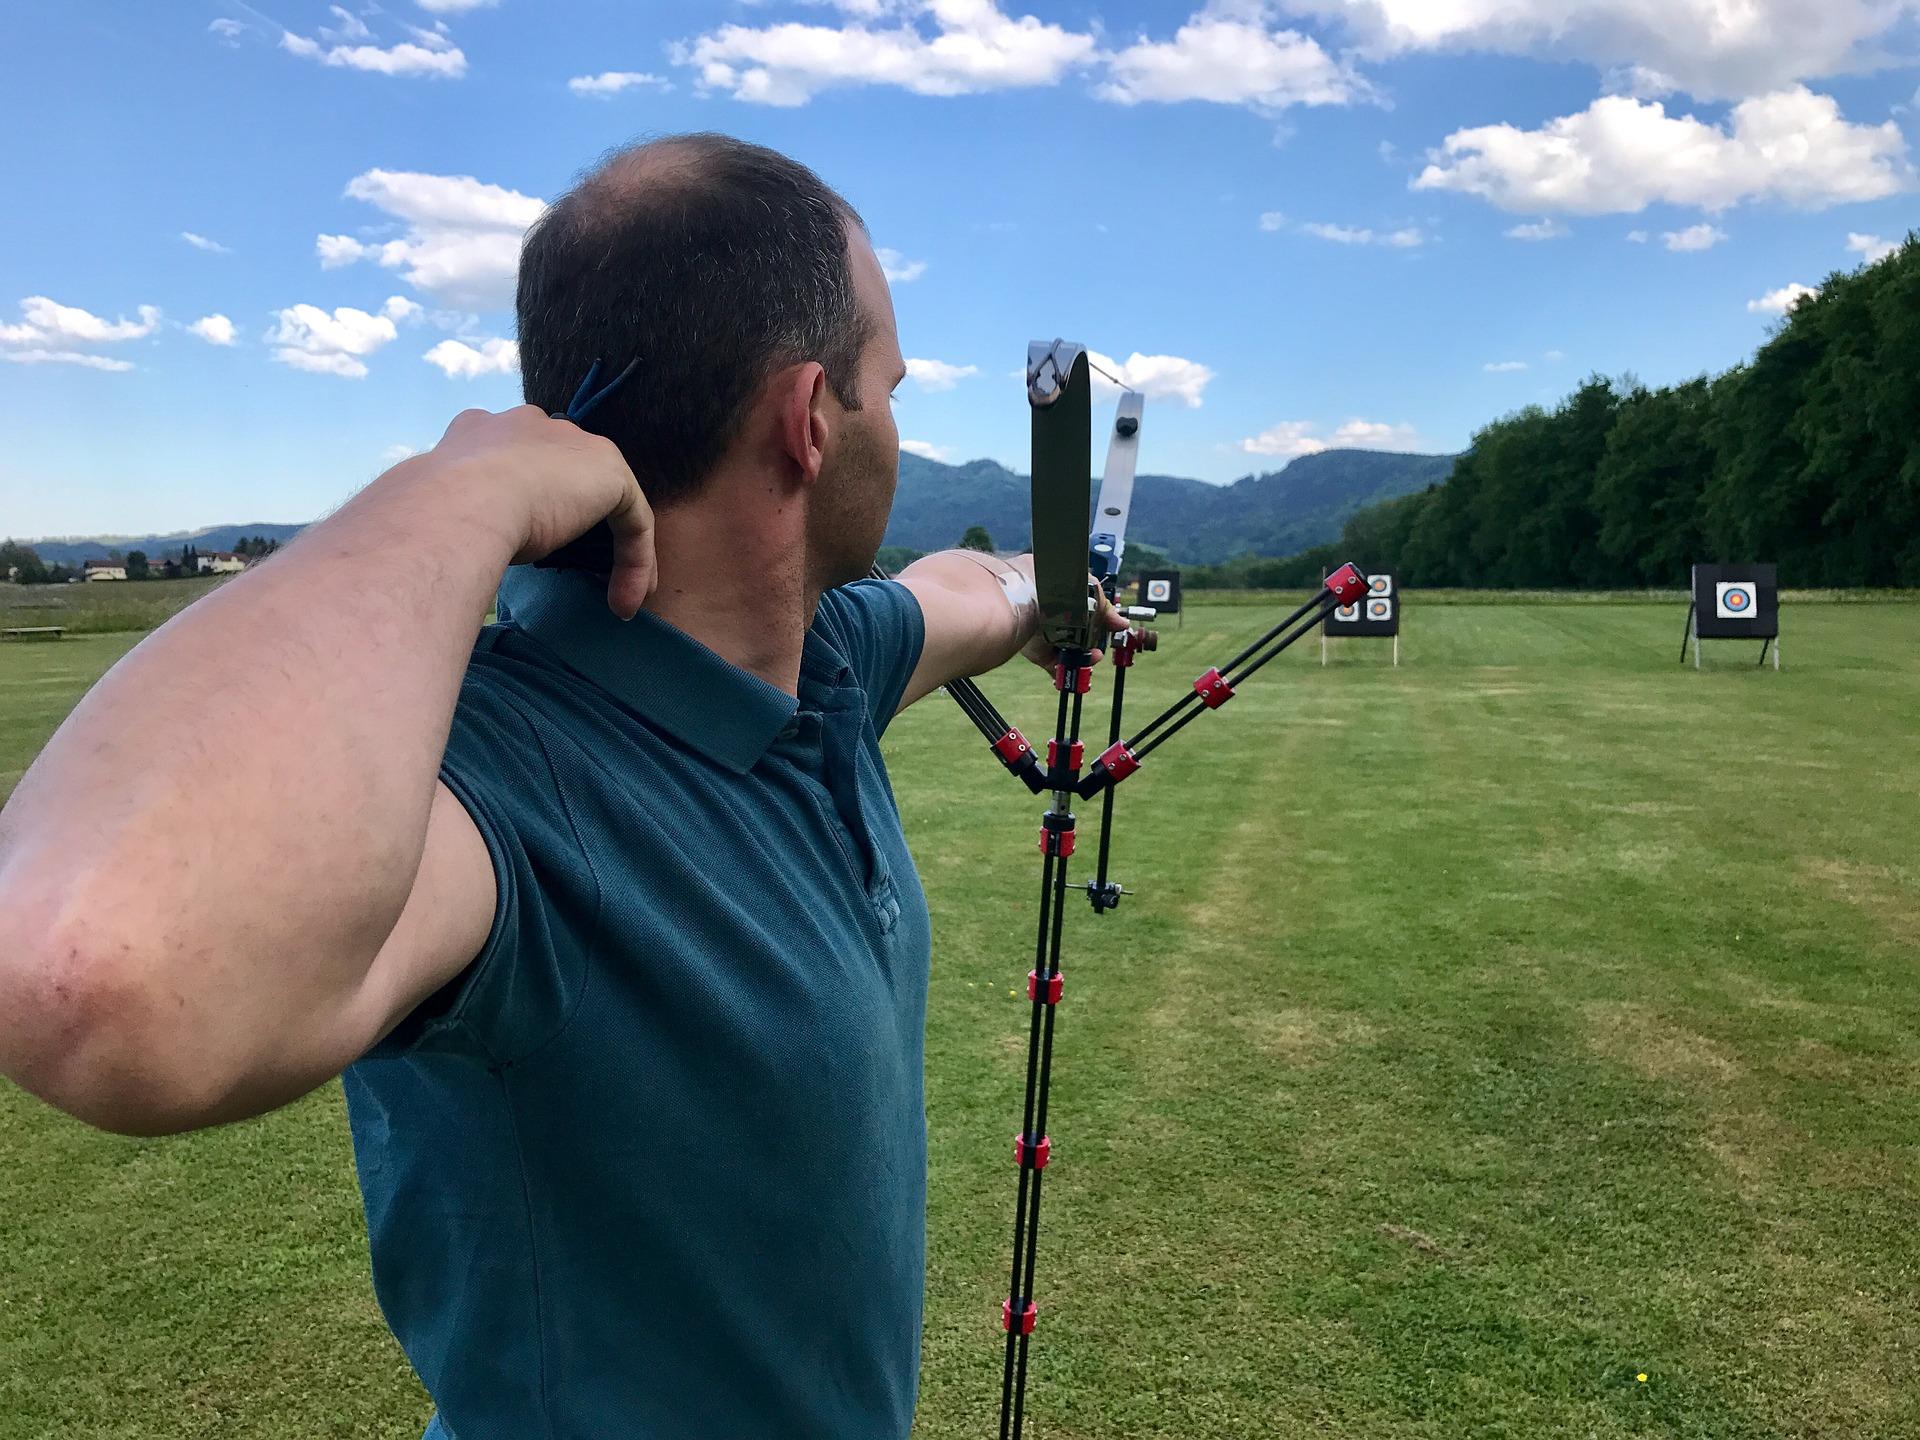 perfect-shot-execution-archery-hypnosis-archery-new-jersey-flemington-bethlehem-online.jpg